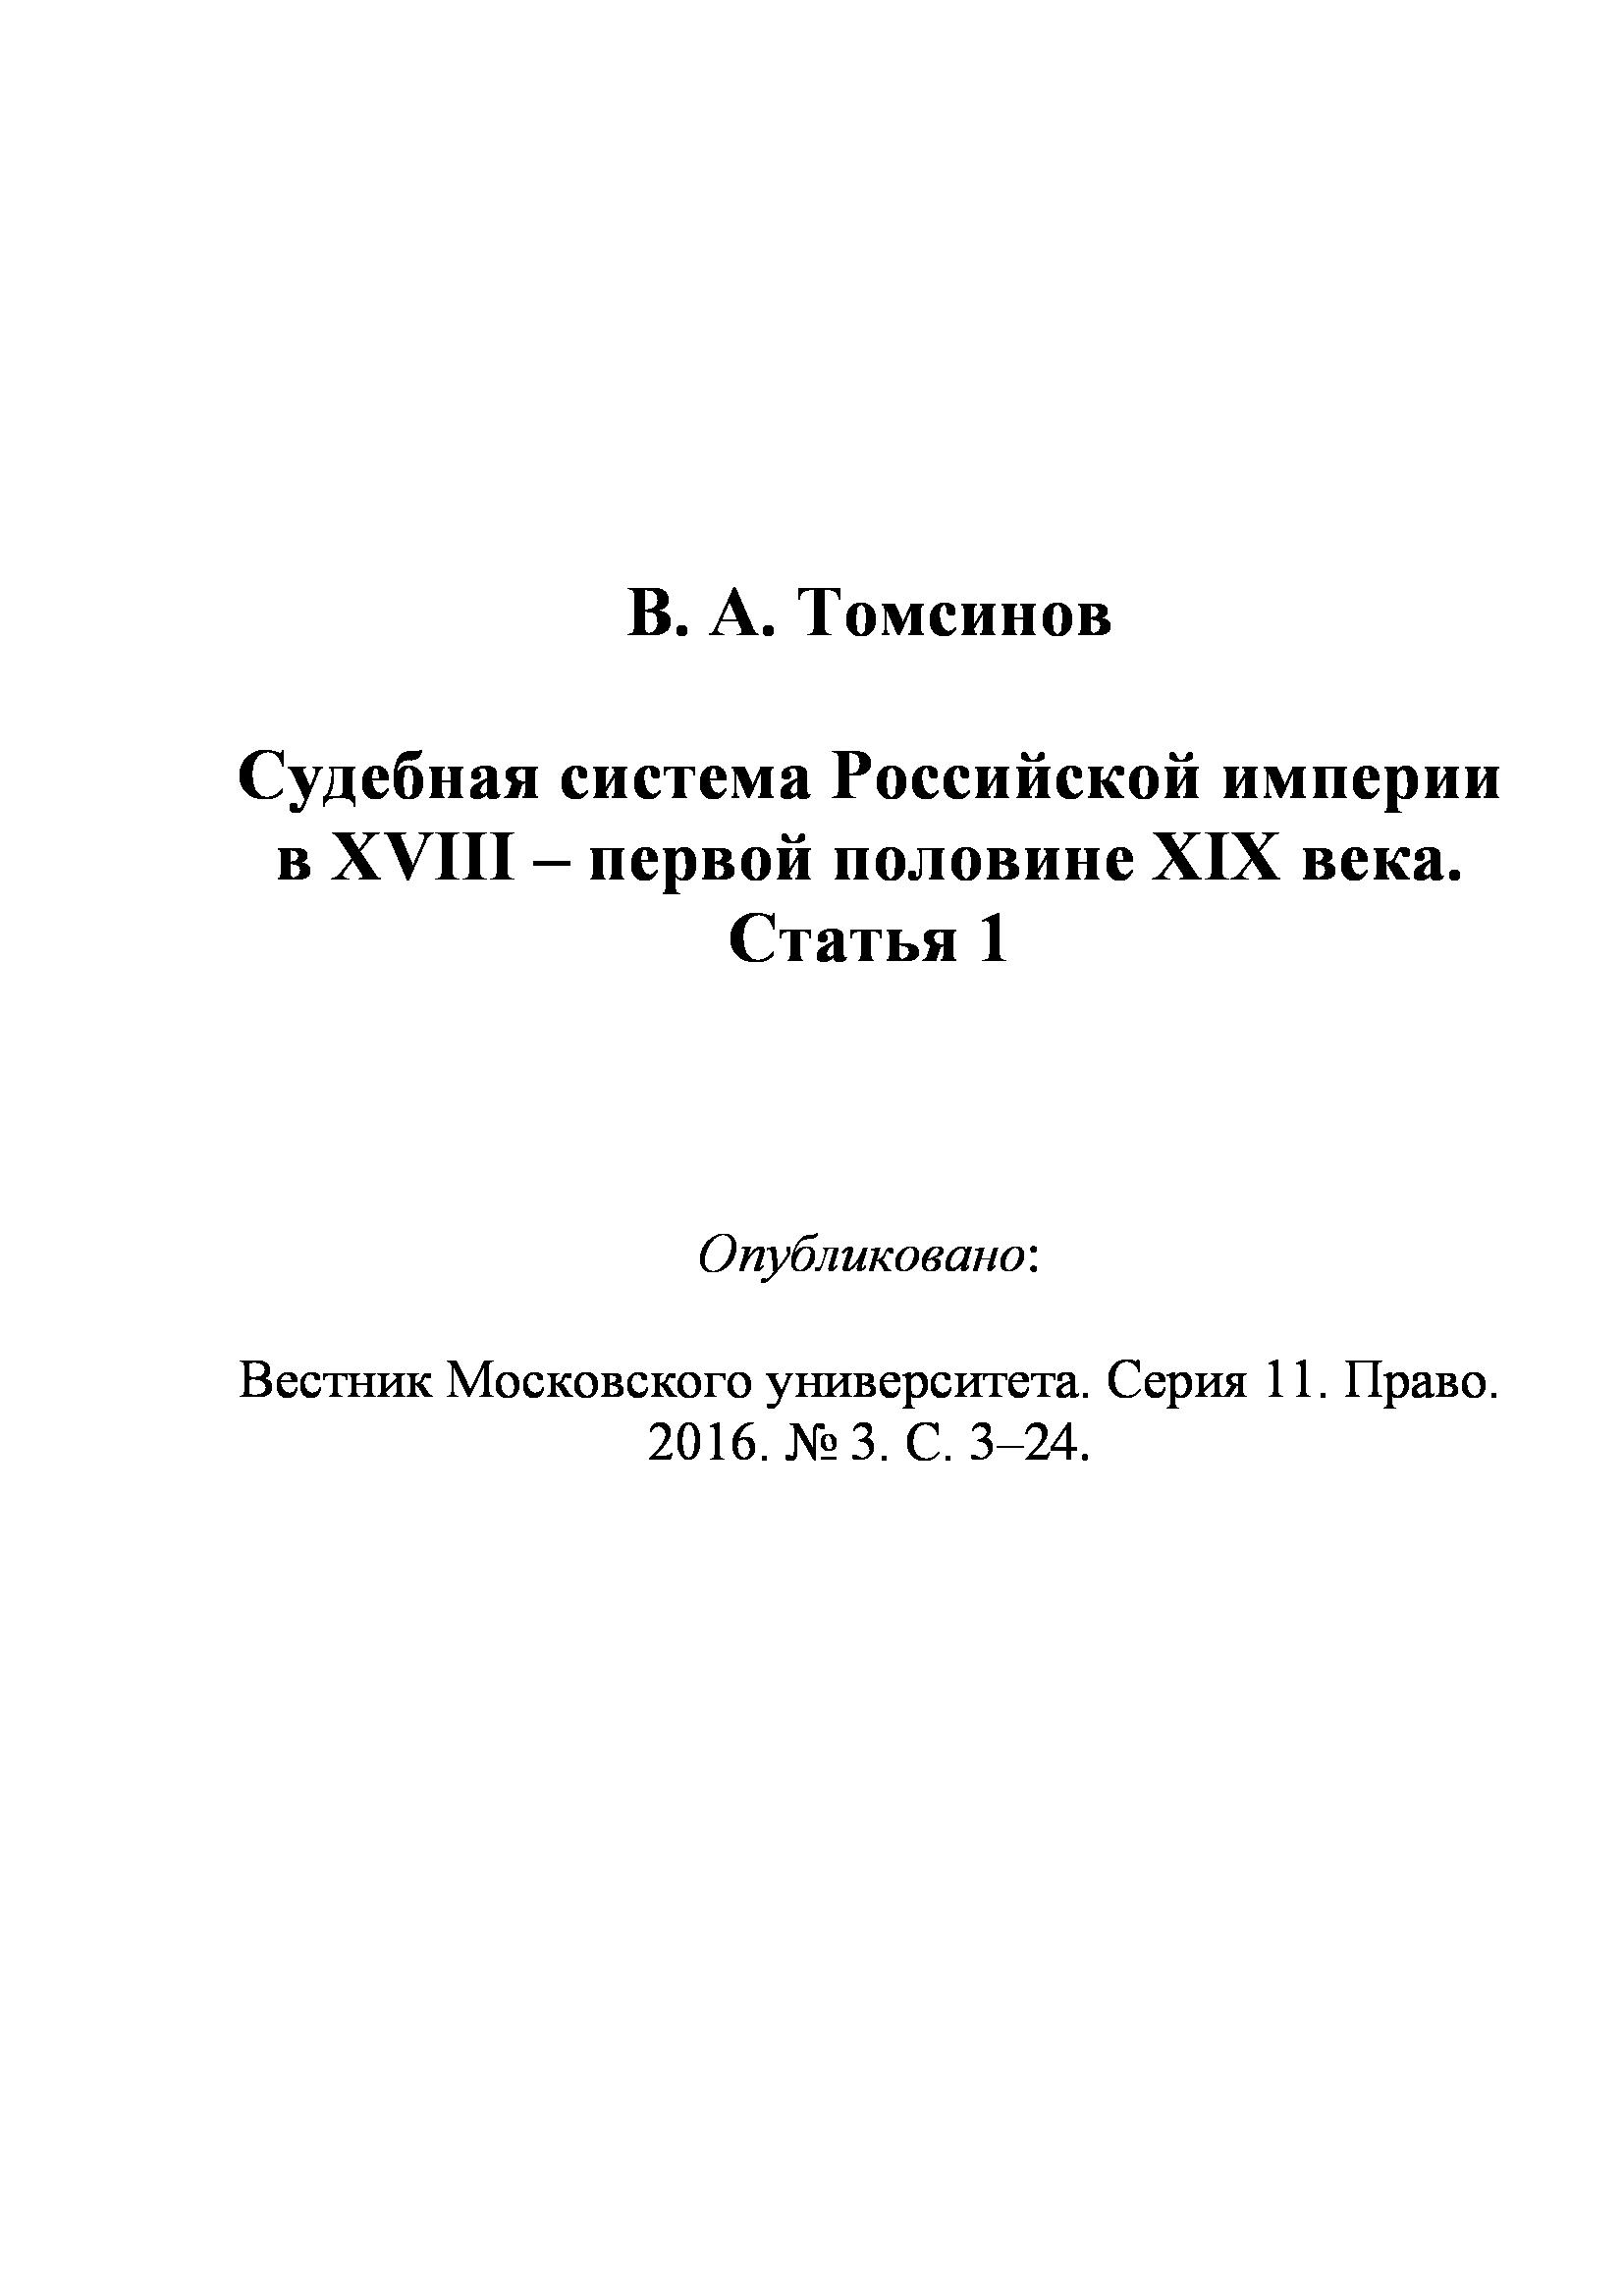 Томсинов В.А. Судебная система Российской империи. Статья 1